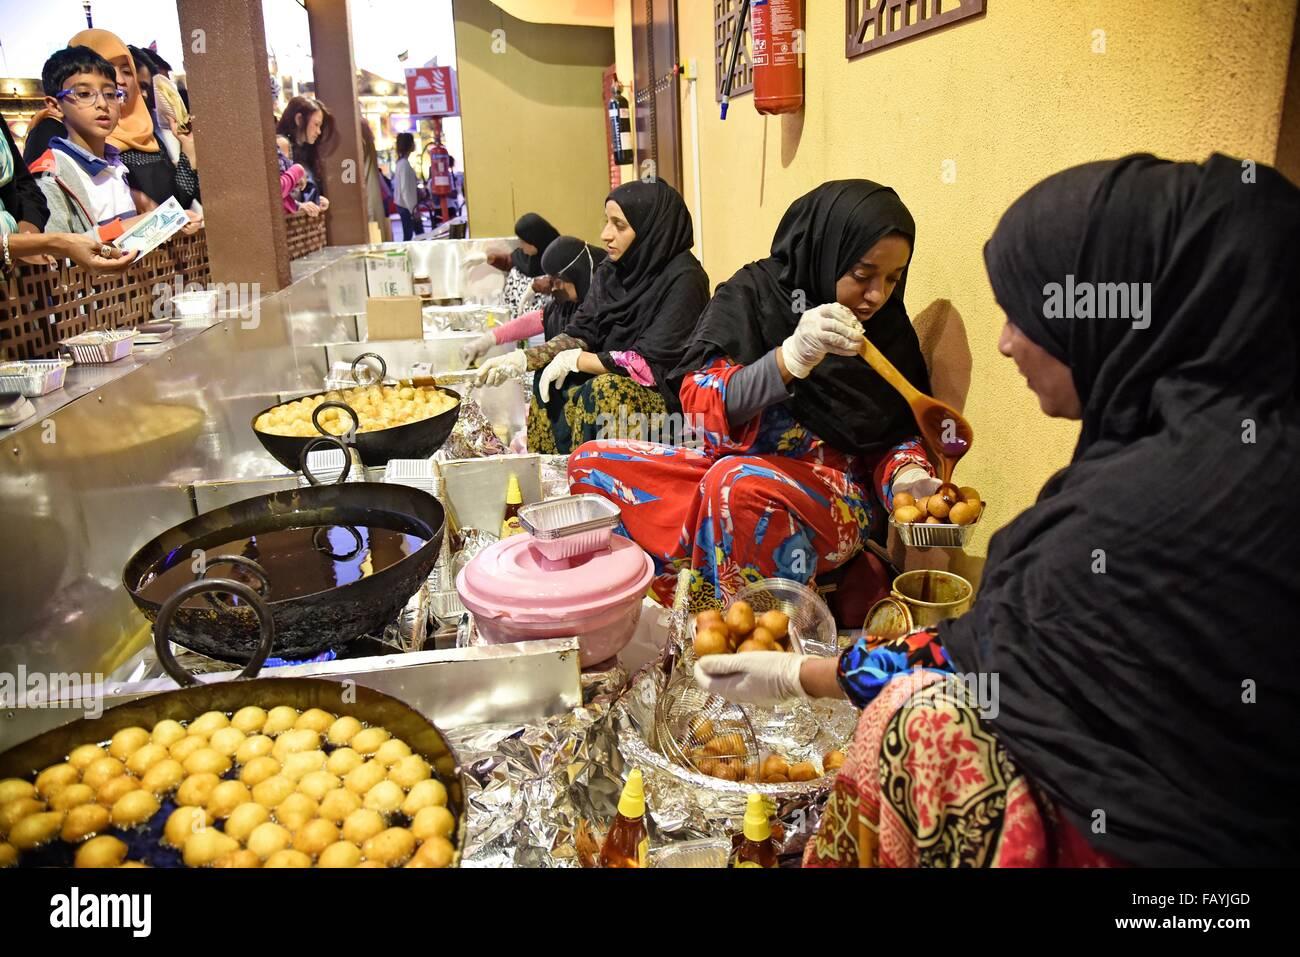 Global Village, Dubai, EAU Dubailand alegó ser el más grande del mundo turismo, ocio y entretenimiento. Imagen De Stock